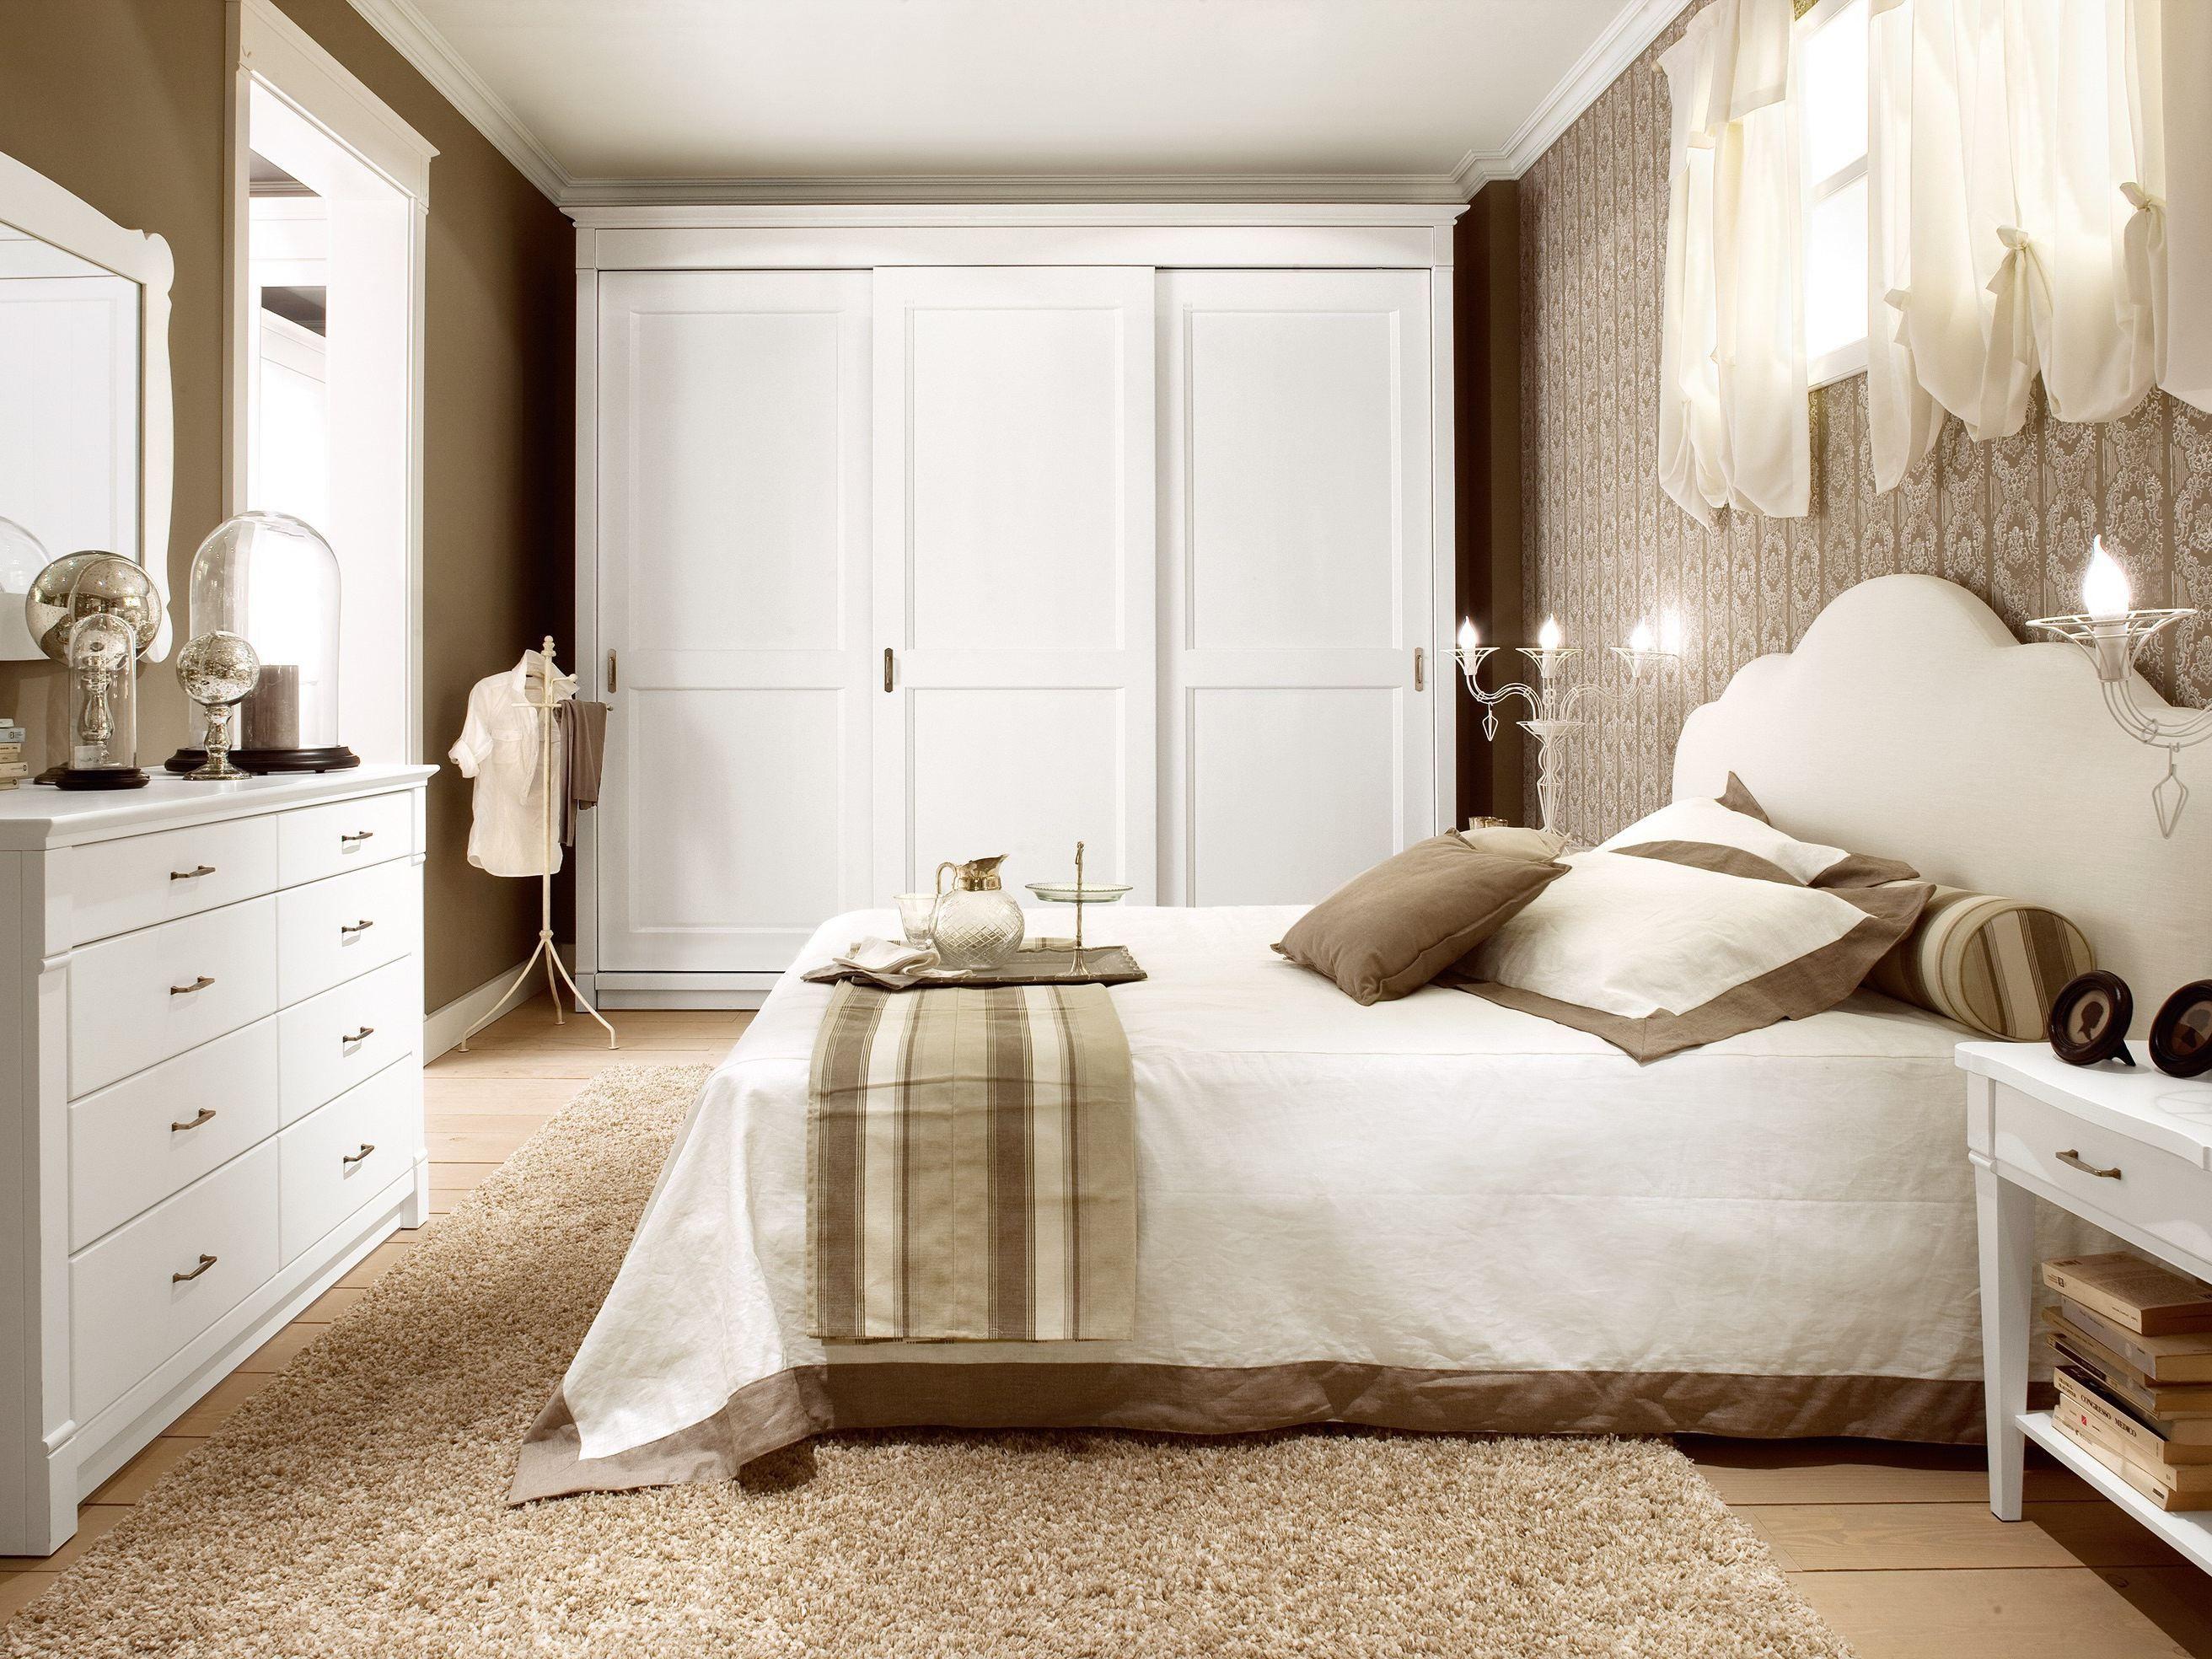 camere da letto complete | zona notte e camerette | archiproducts - Camera Da Letto In Inglese